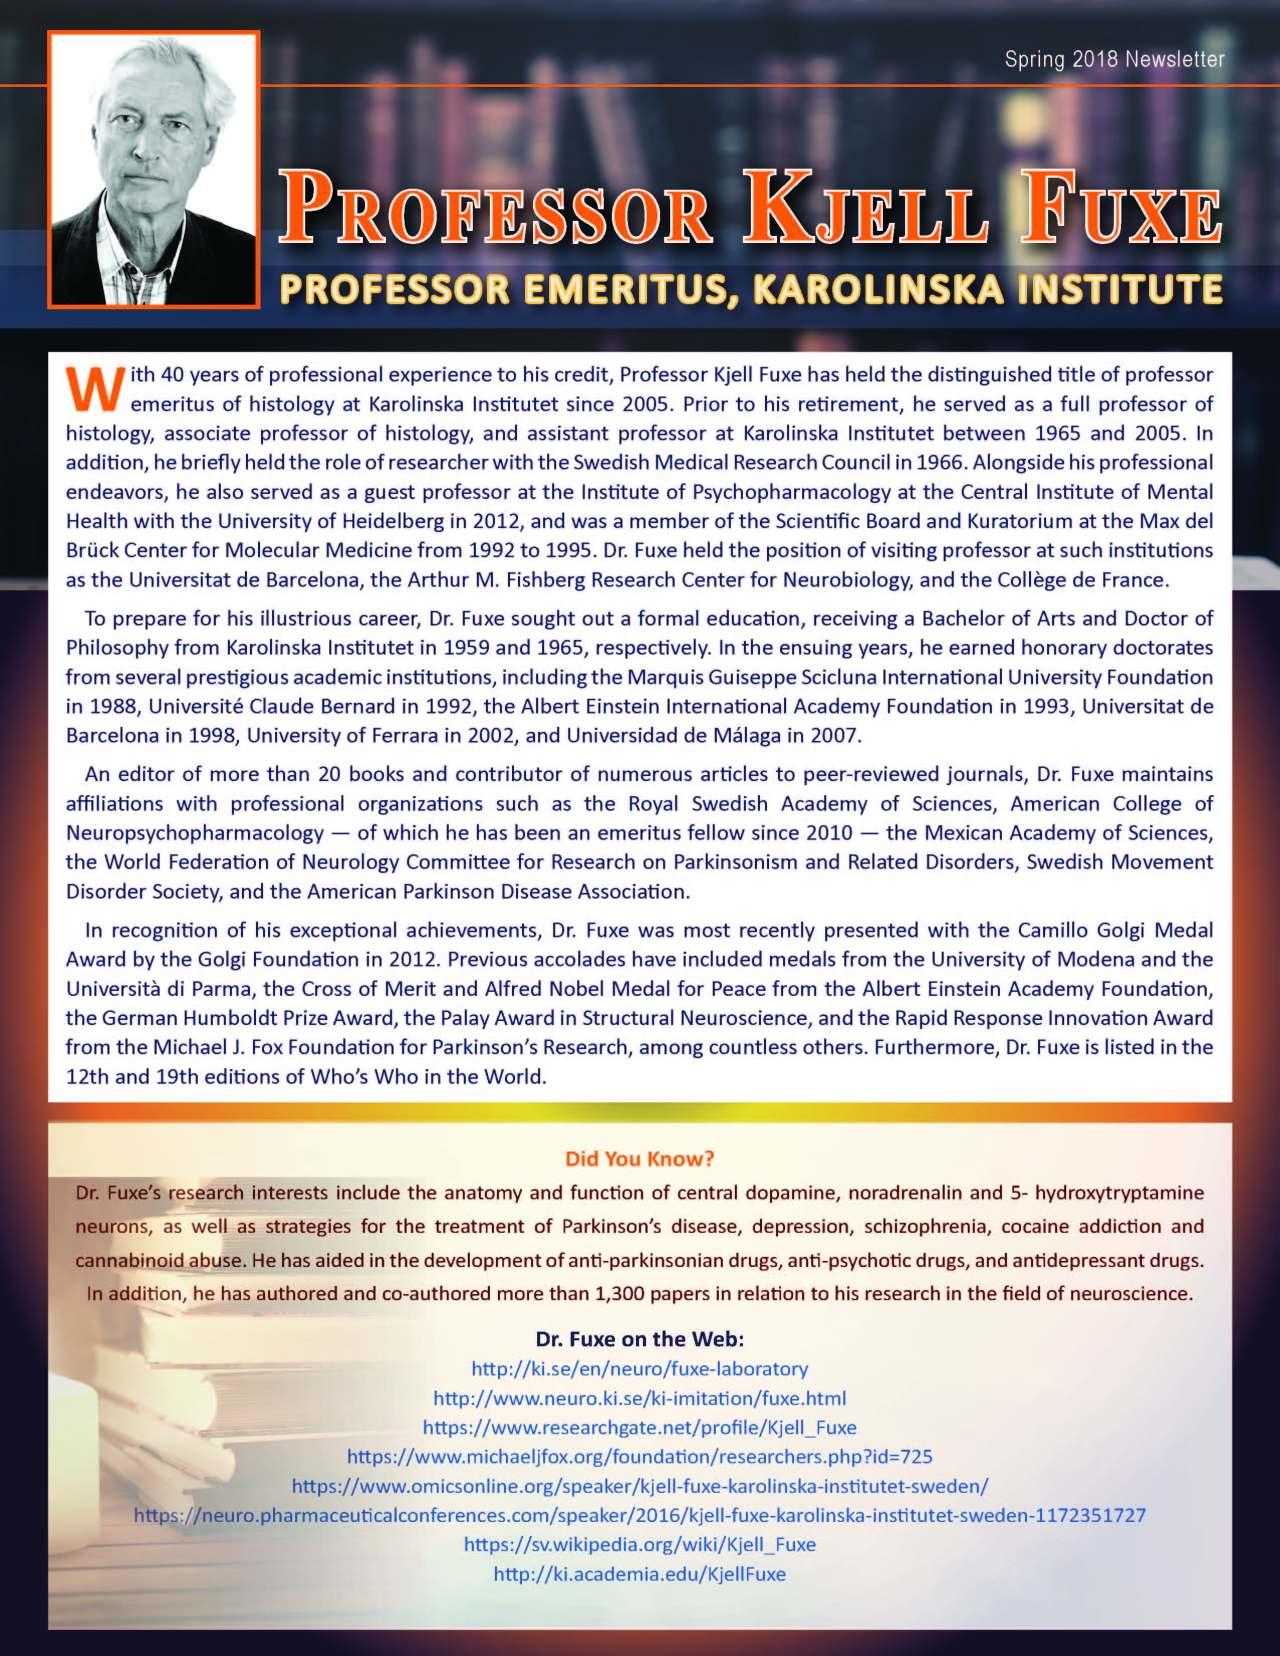 Fuxe, Kjell 3717528_24127102 Newsletter.jpg